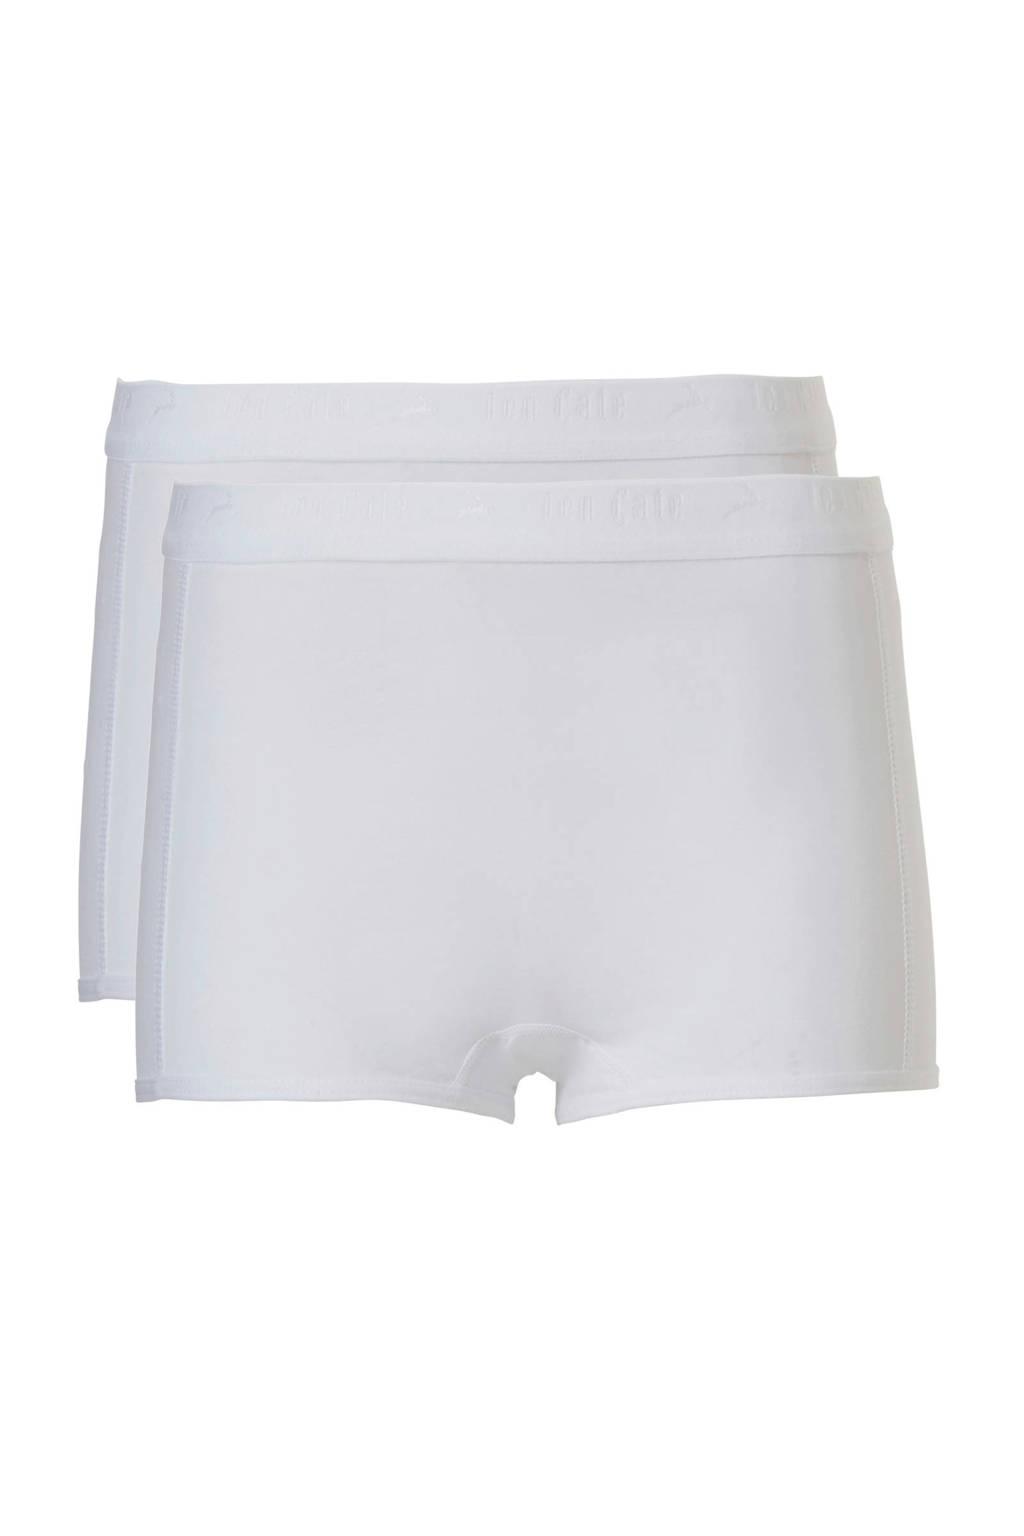 ten Cate Basic teens short - set van 2 wit, Wit